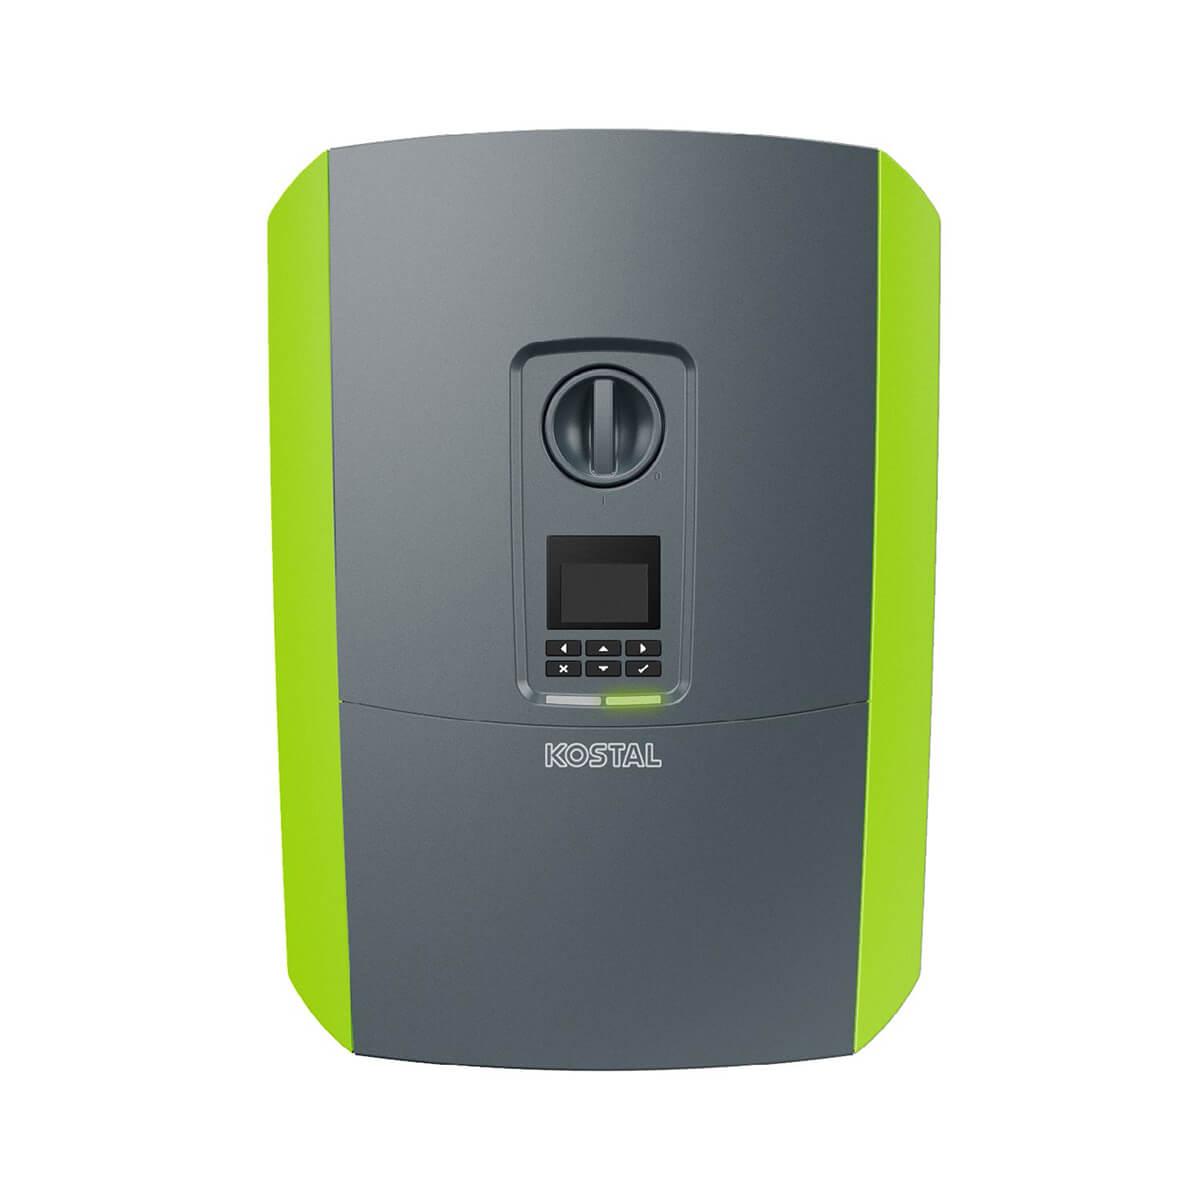 kostal 4.2kW inverter, kostal piko 4.2kW inverter, kostal piko iq 4.2 inverter, kostal piko iq 4.2, kostal piko 4.2 kW, KOSTAL 4.2 KW